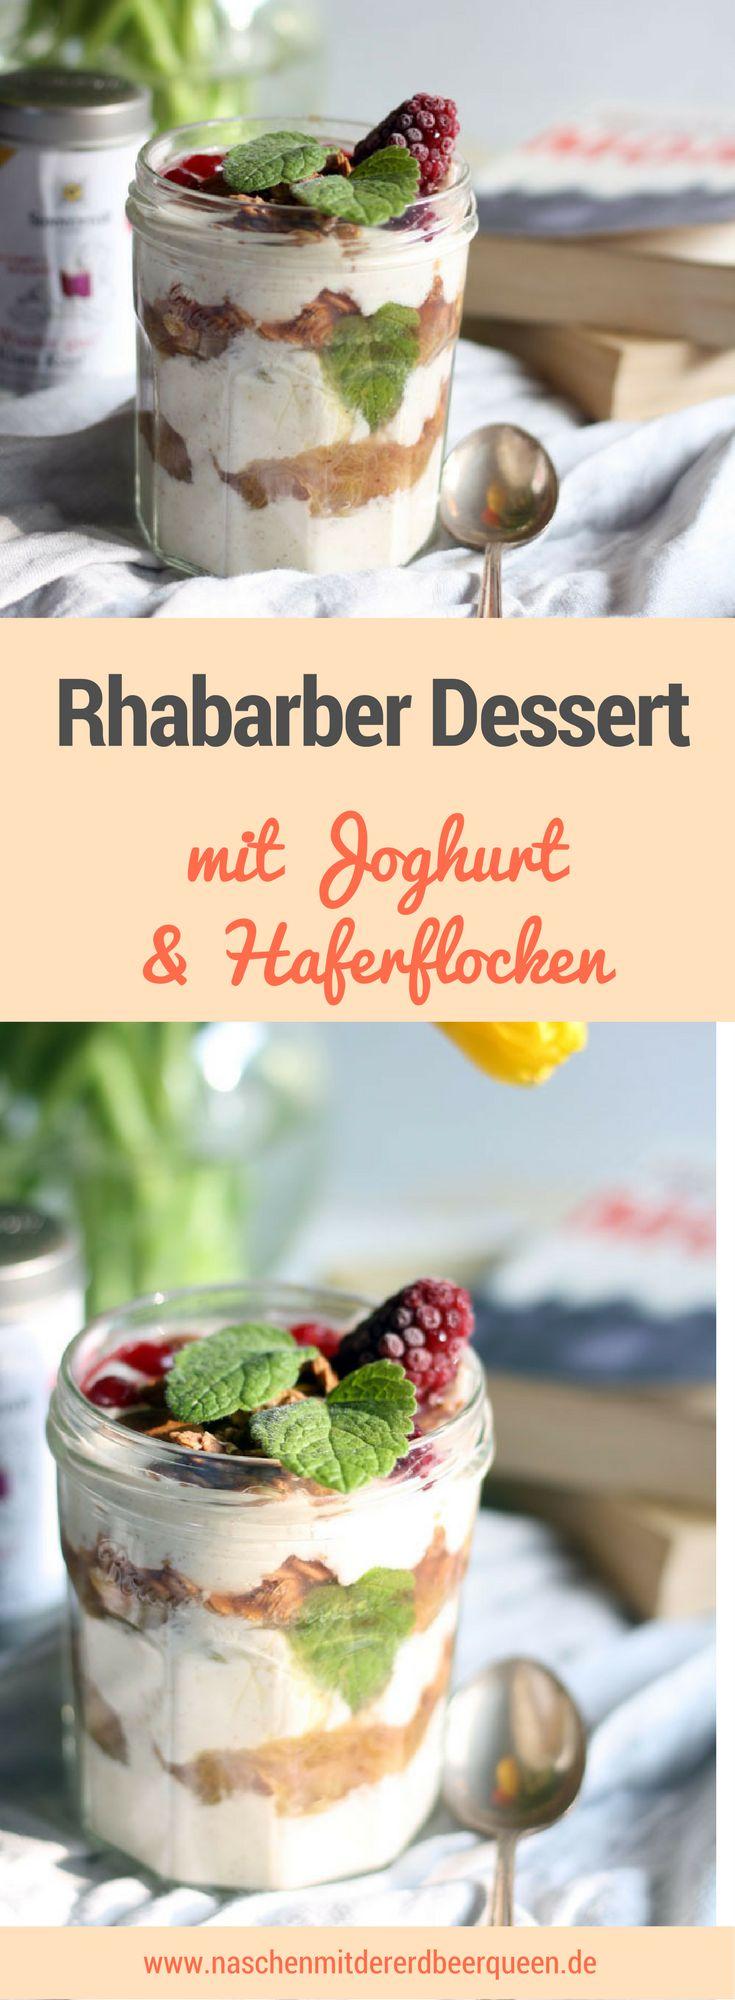 Rezept für ein Rhabarber Dessert mit Haferflocken in Schokolade und Joghurt. Was macht man mit Rhabarber? Rhabarberkompott und ein Dessert. Das Rezept und noch mehr Rhabarberrezepte findest du auf dem Blog www.naschenmitdererdbeerqueen.de